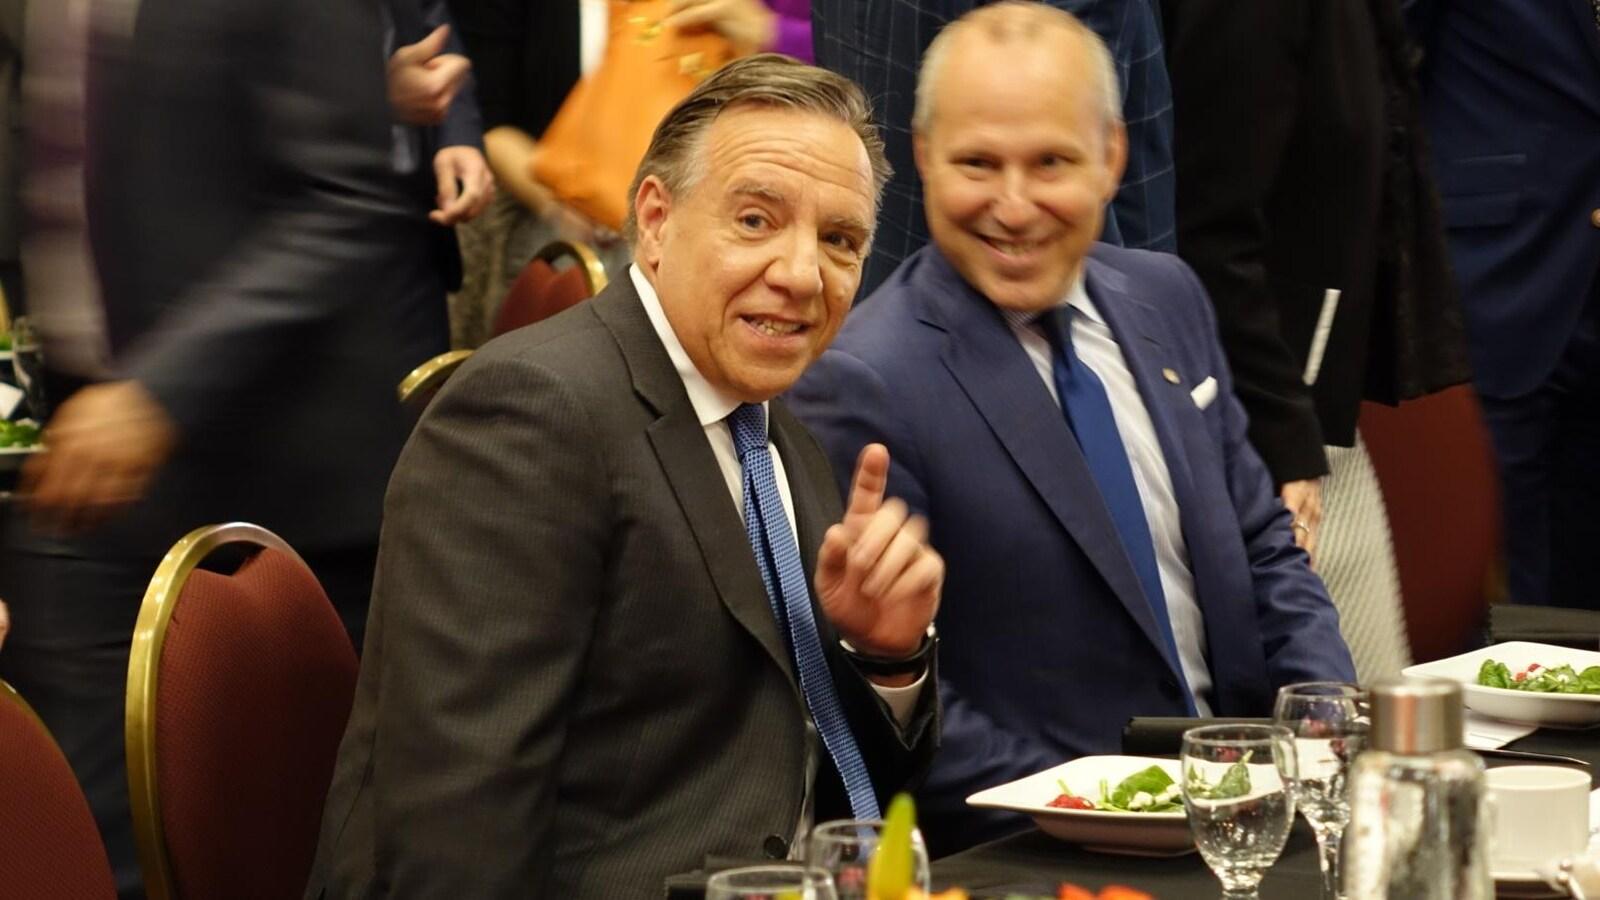 François Legault est assis à une table avec un autre convive. Devant eux sont posées des salades.